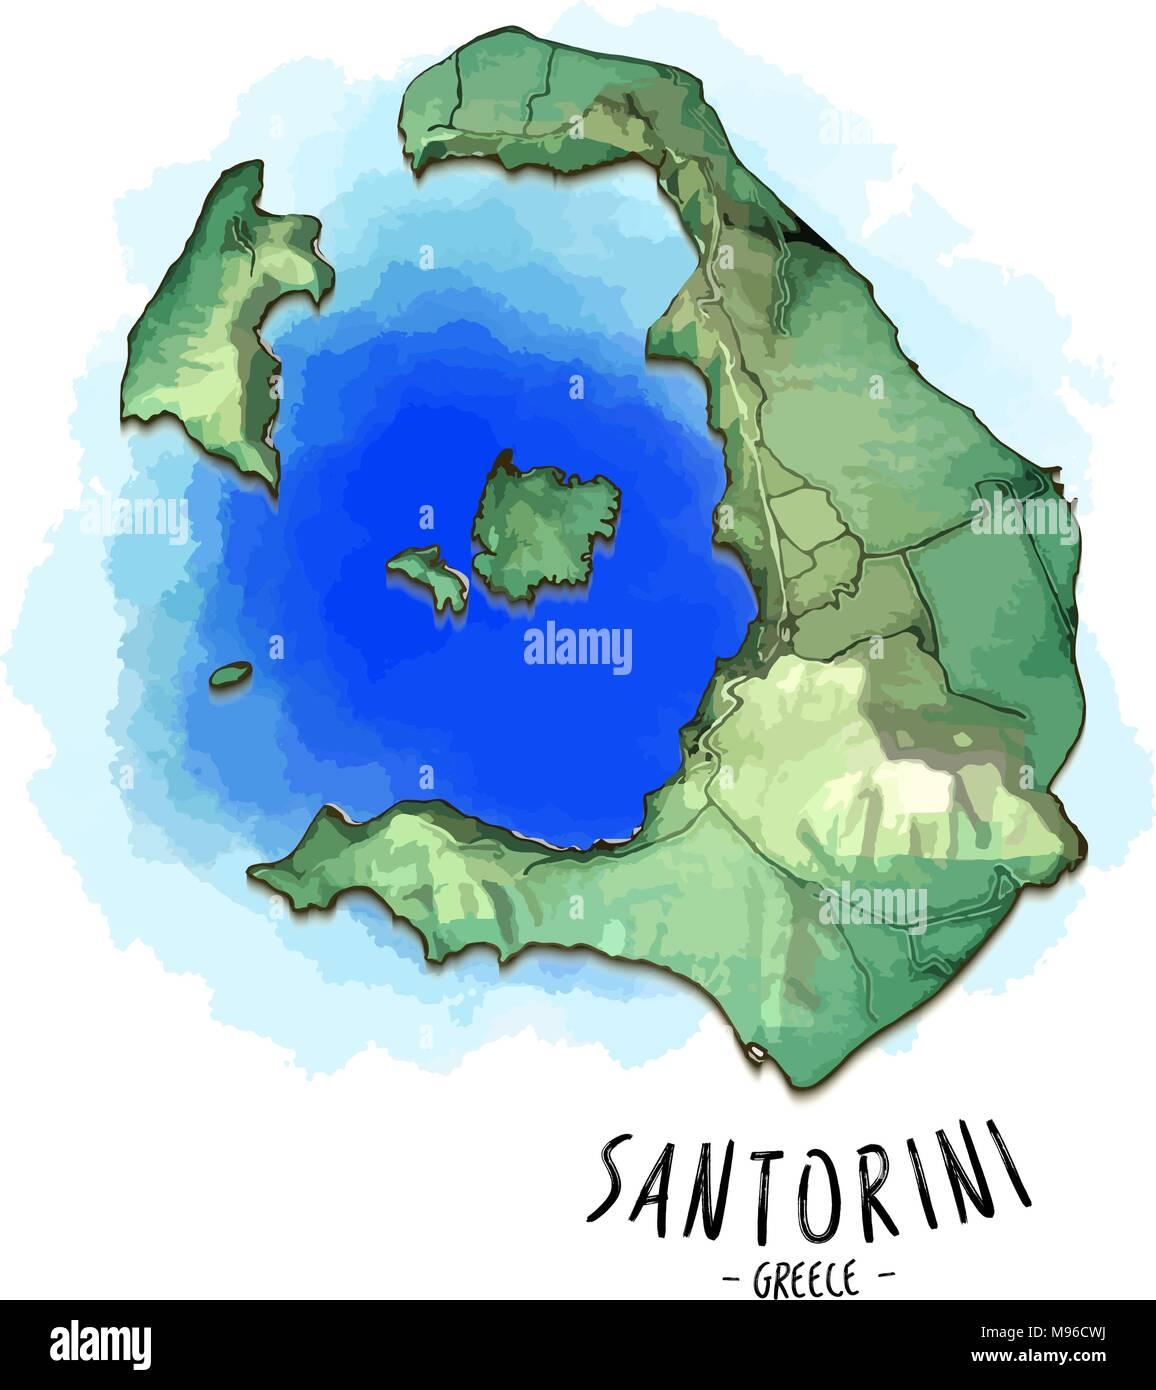 Mapa 3d De Santorini Ilustracion Vectorial Detallado Con El